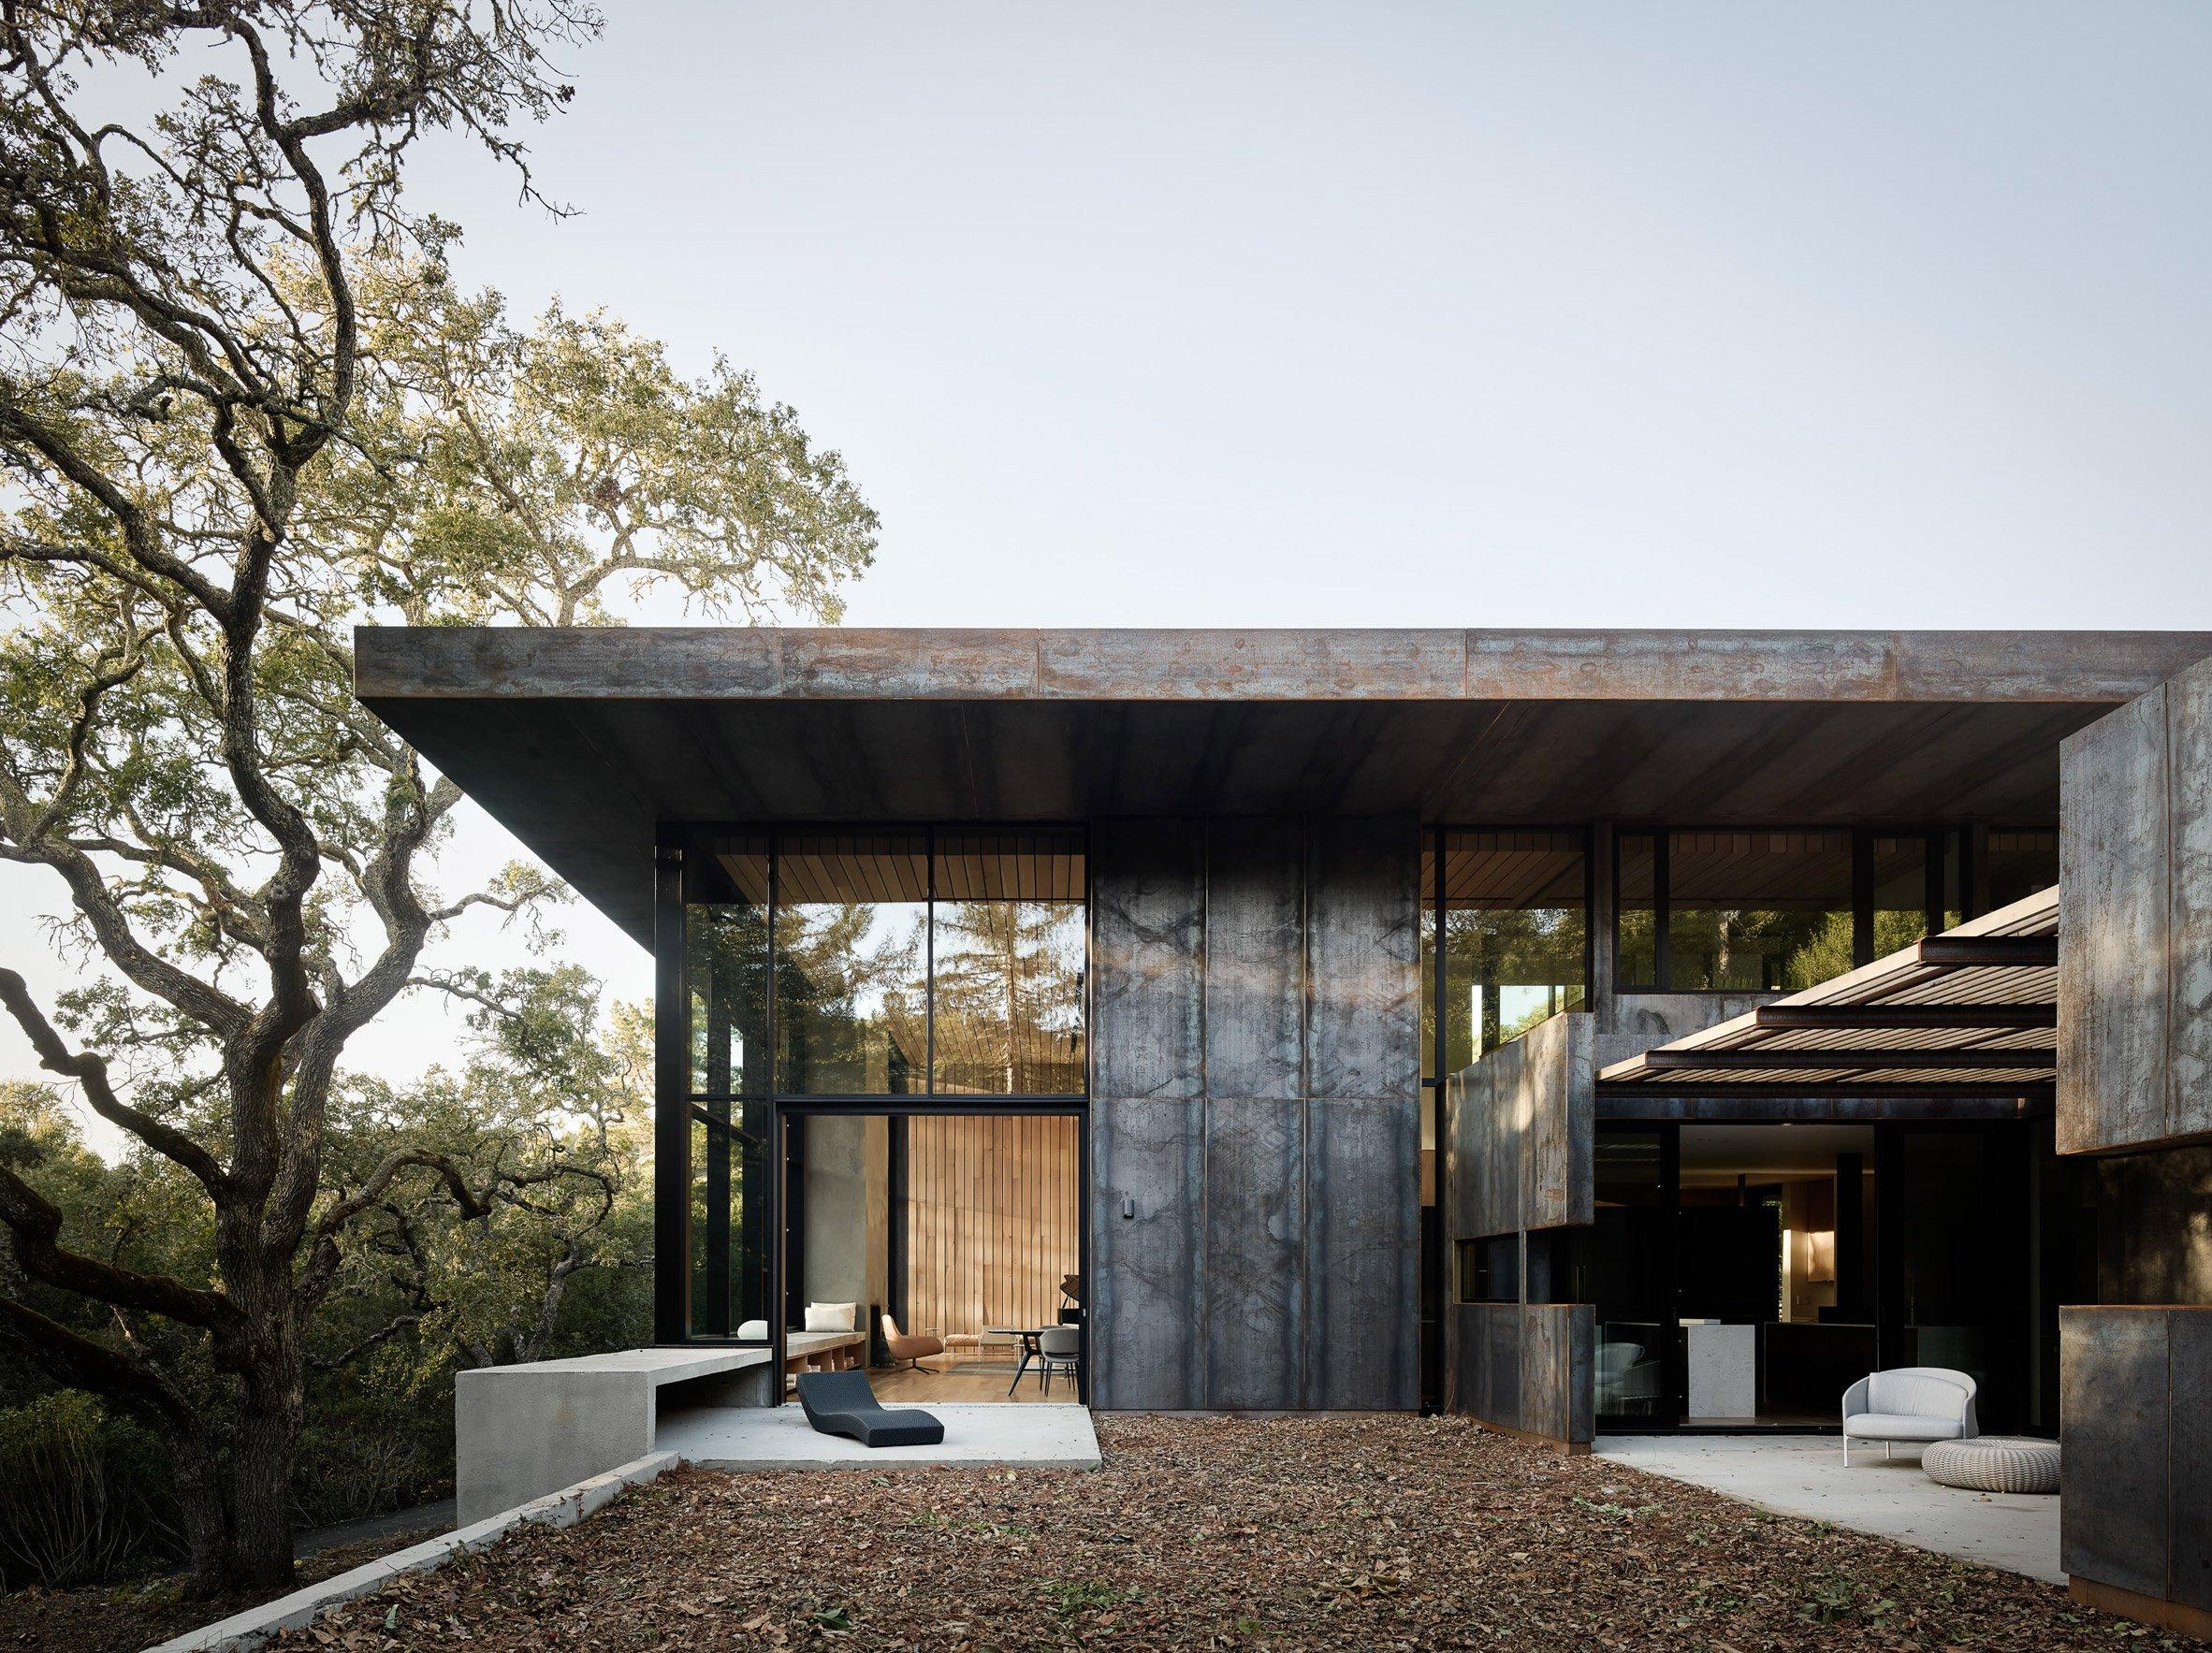 La casa è caratterizzata da soffitti alti di 3 metri, pannelli in acciaio e pavimenti in legno / Joe Fletcher Photography